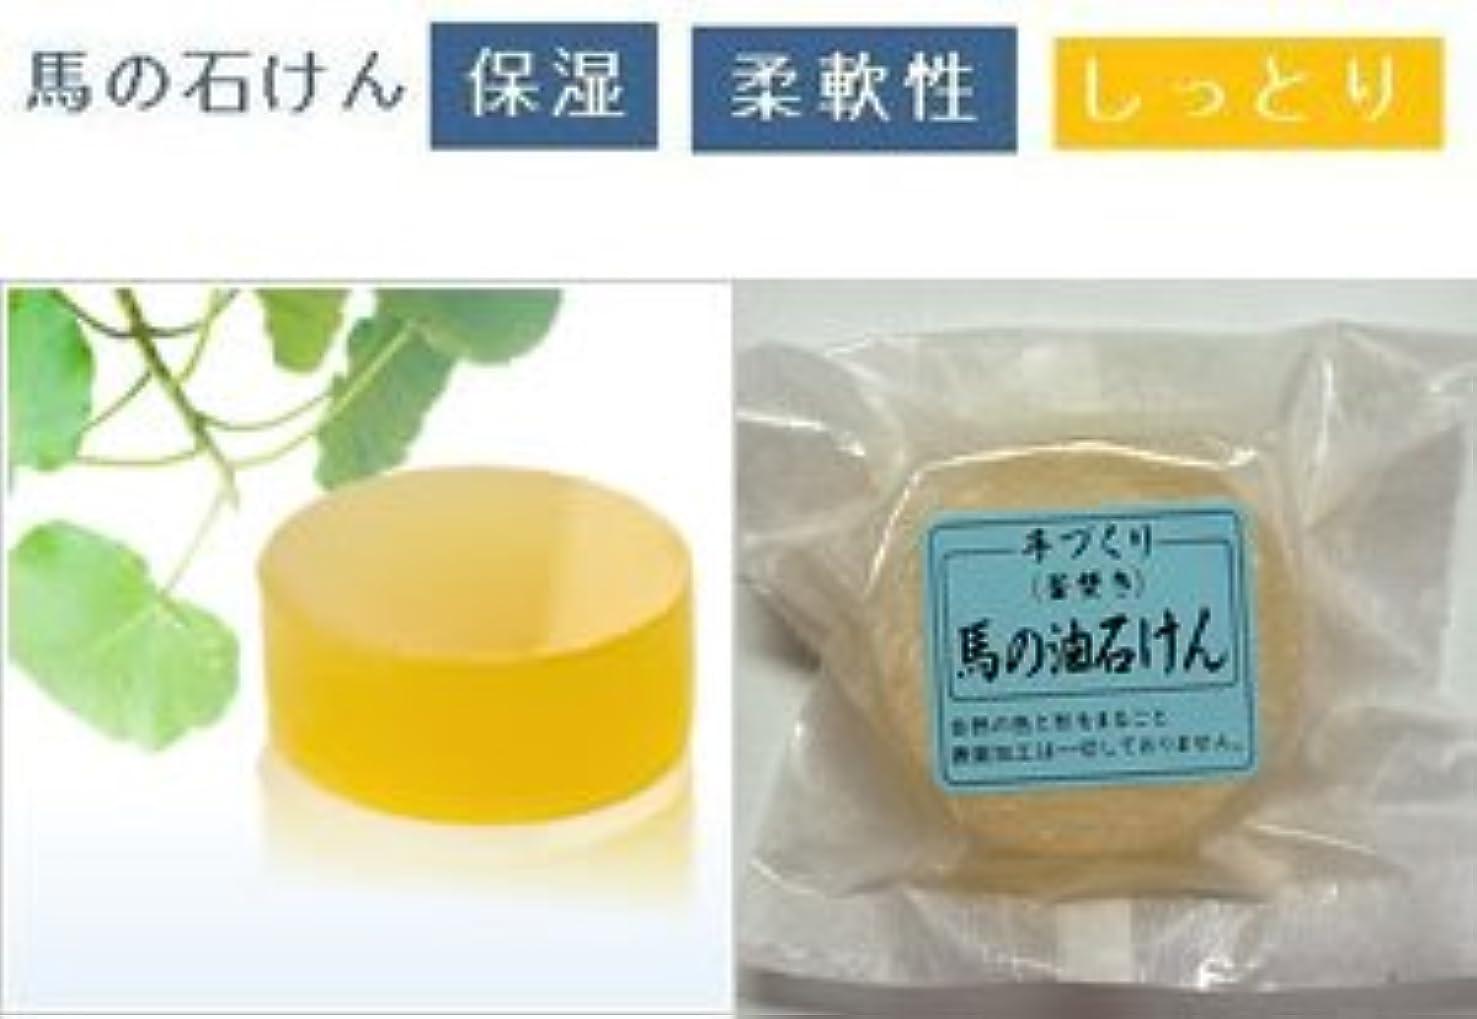 音節年金魅了する馬油石鹸 池田さんの無添加*釜焚き馬油石鹸80g(リーファショップ)